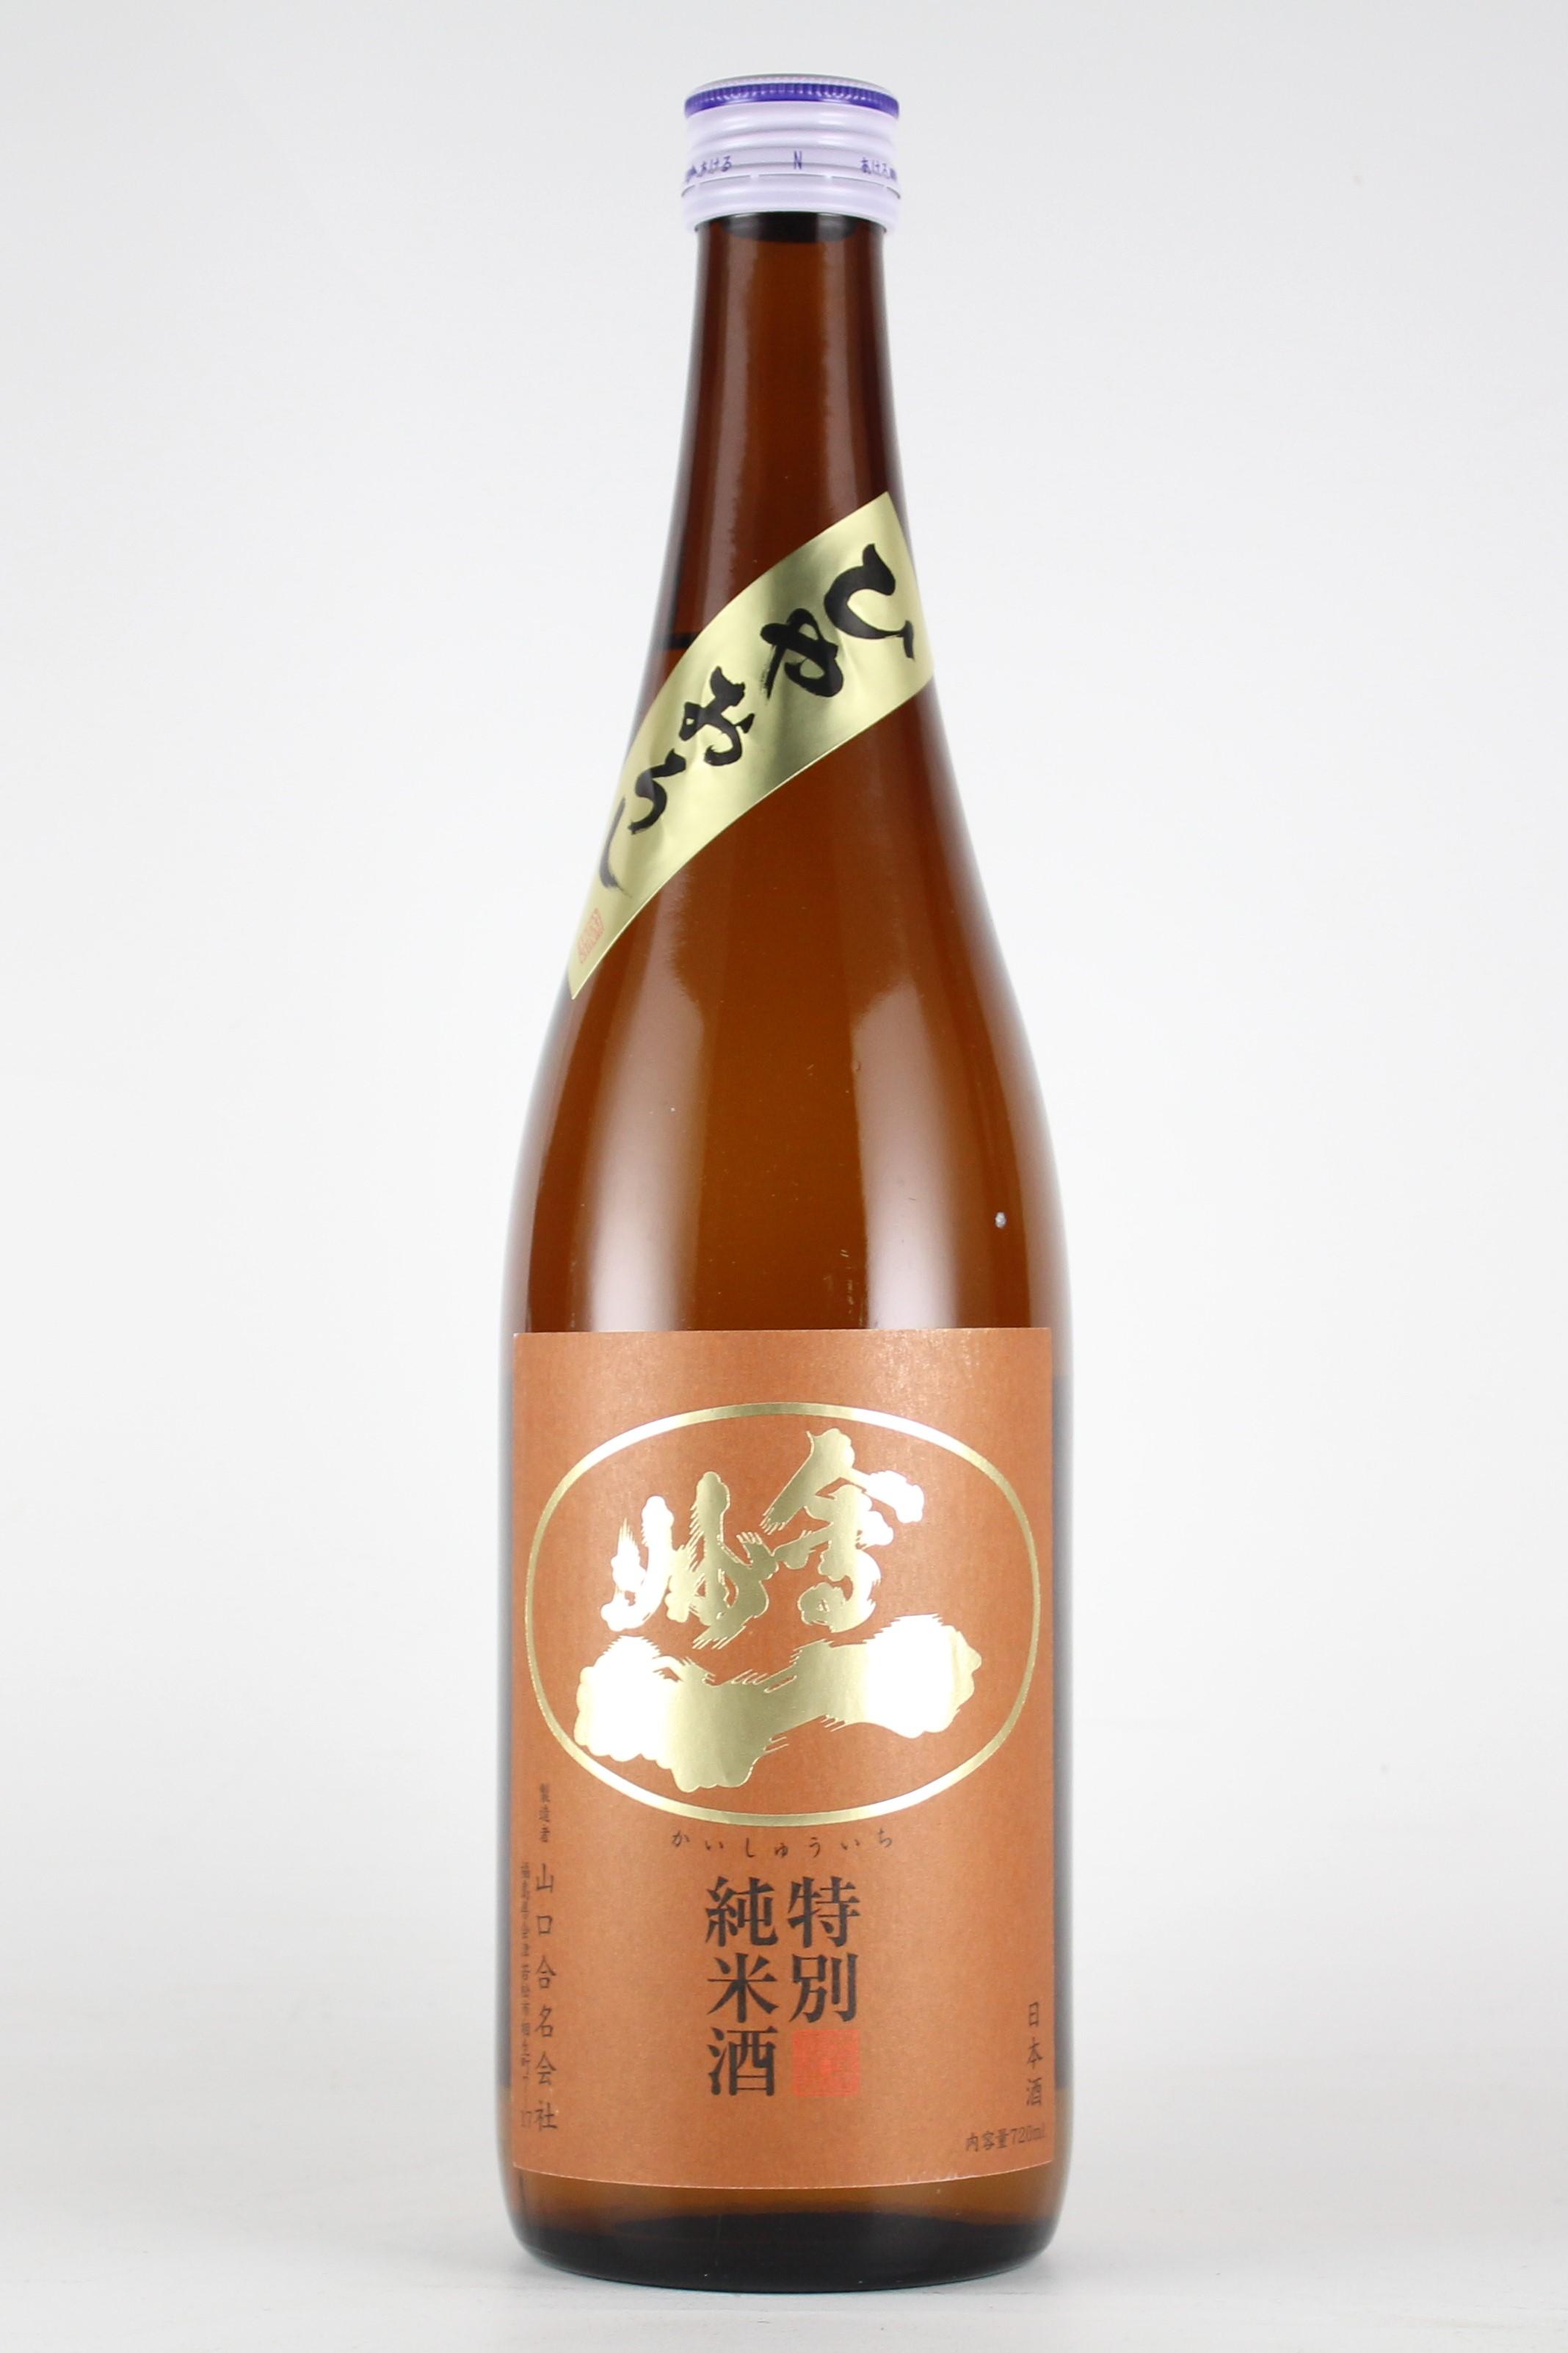 会州一 ひやおろし 特別純米生詰原酒 美山錦 720ml 【福島/山口合名】